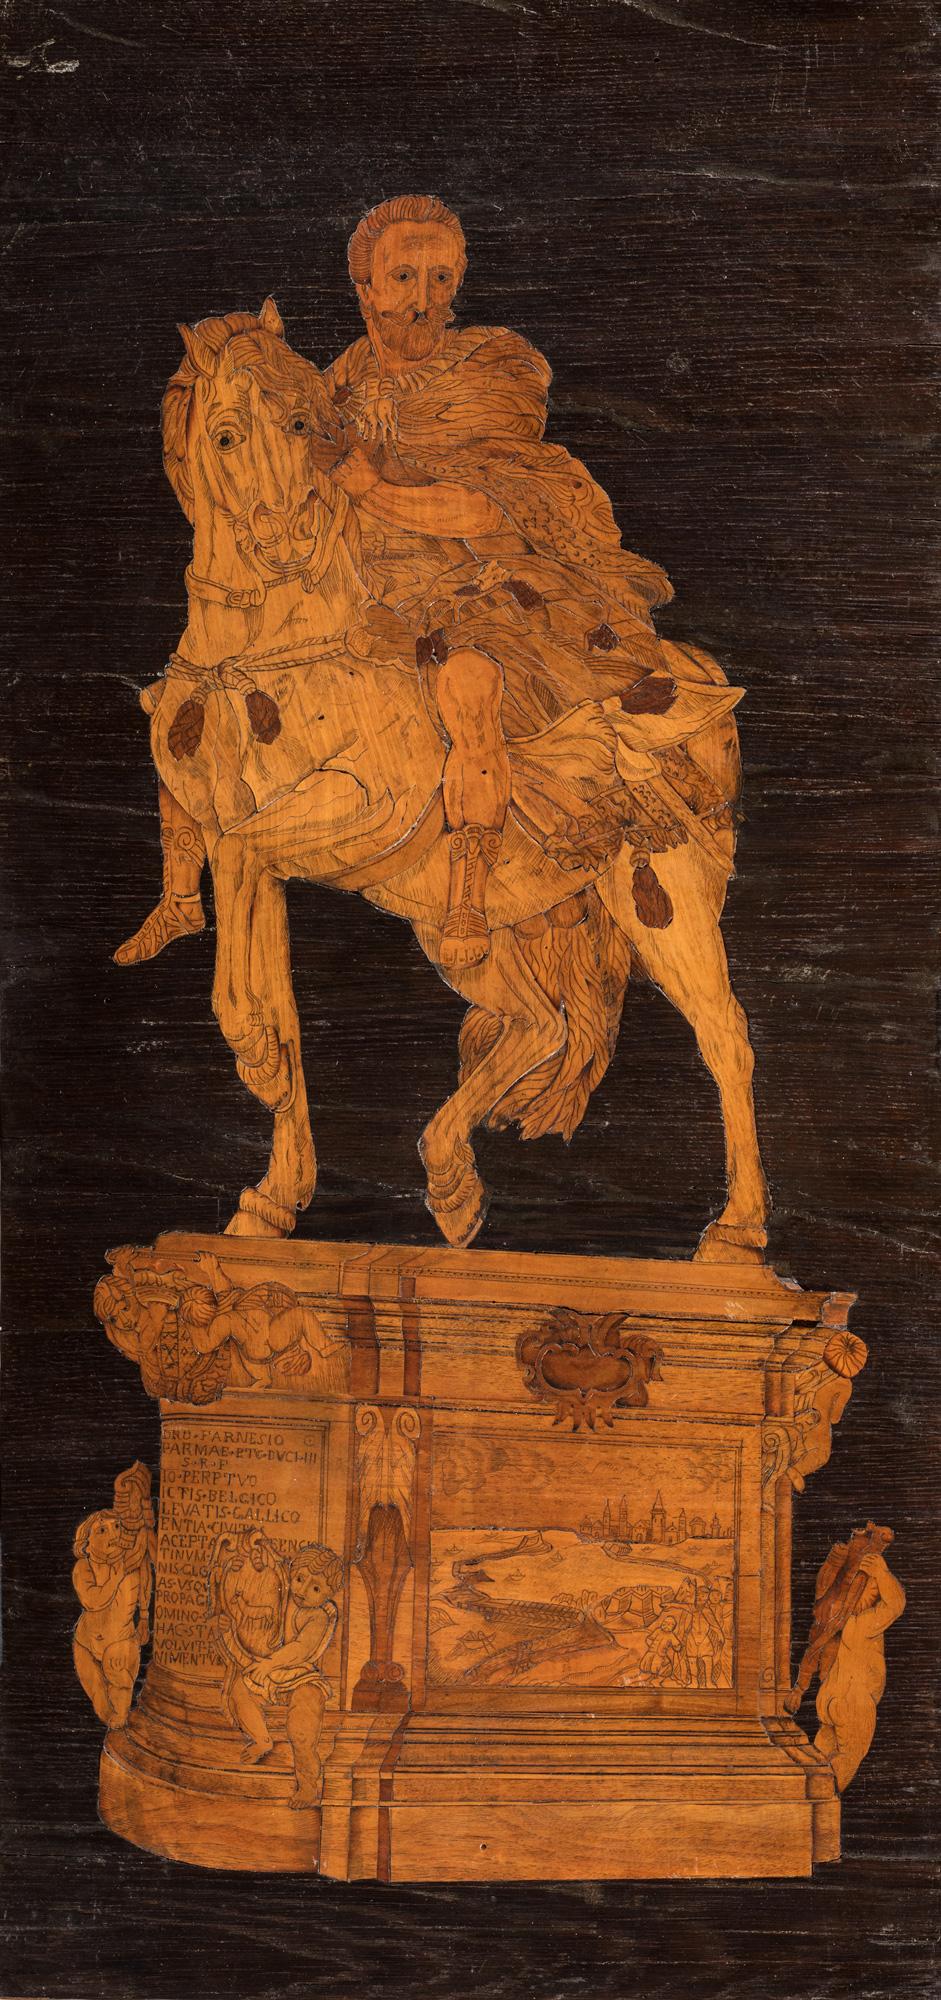 Pannello in legno intarsiato